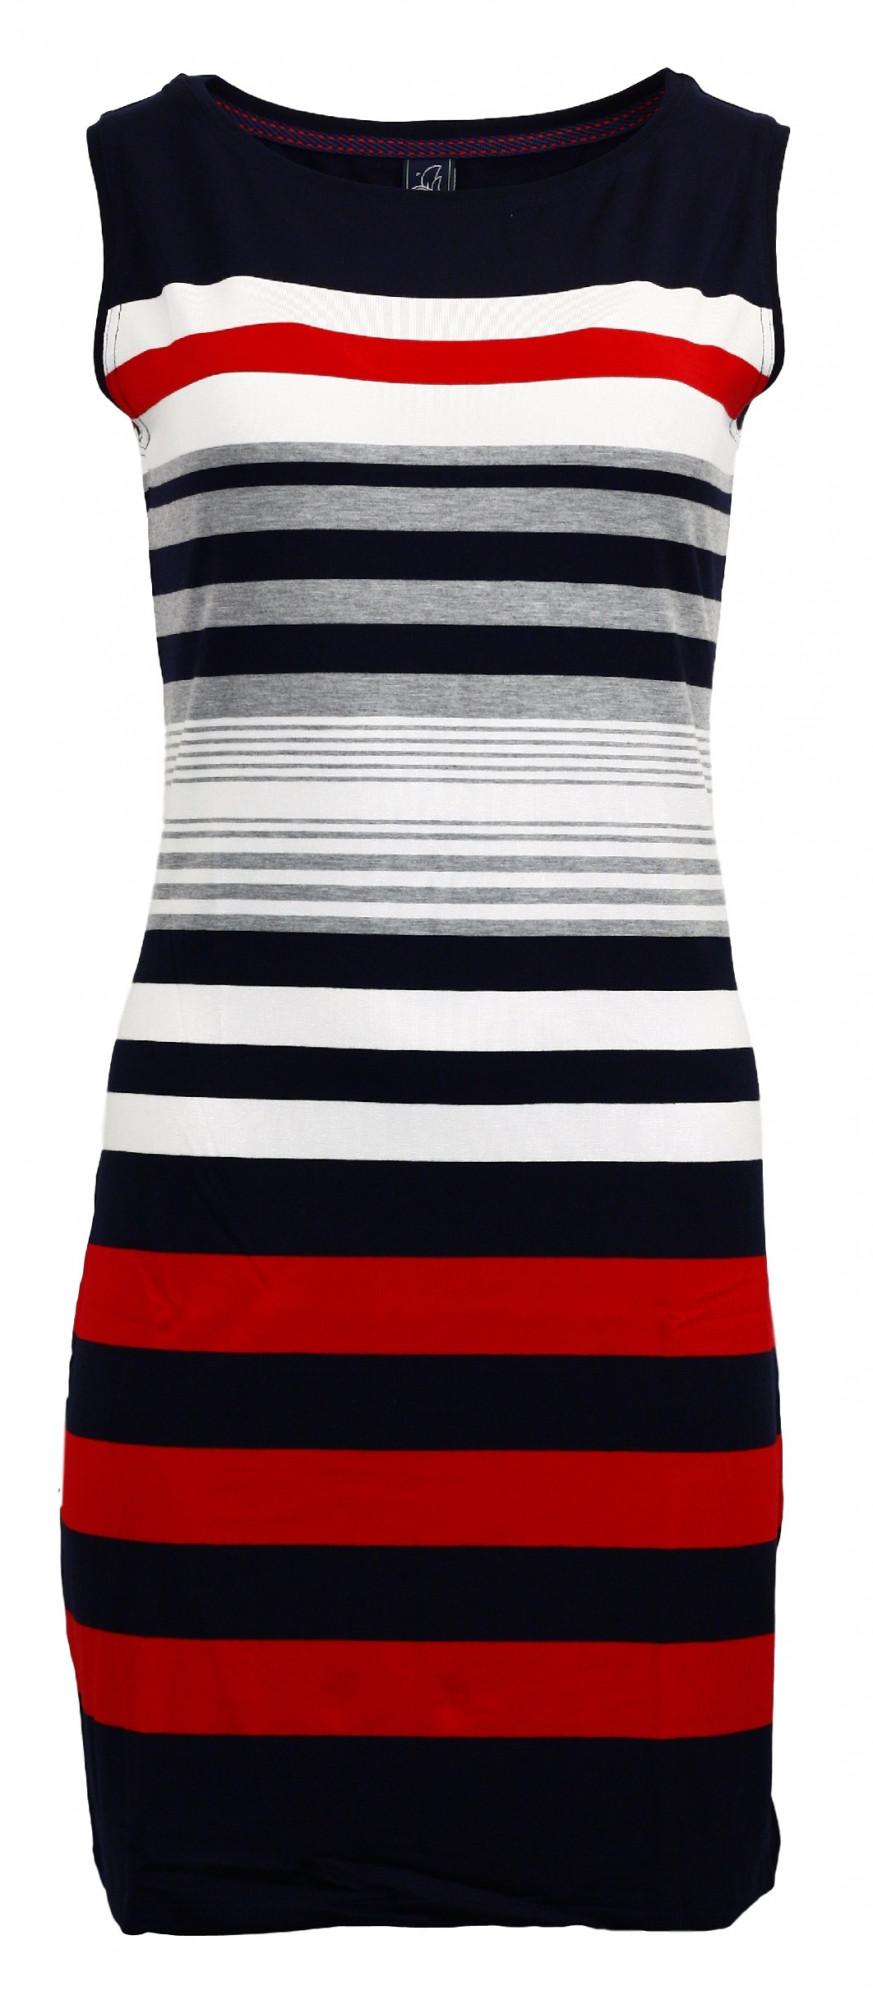 Dámské šaty 4072 - Sailor Tom Barva: námořnický styl, Velikost: S